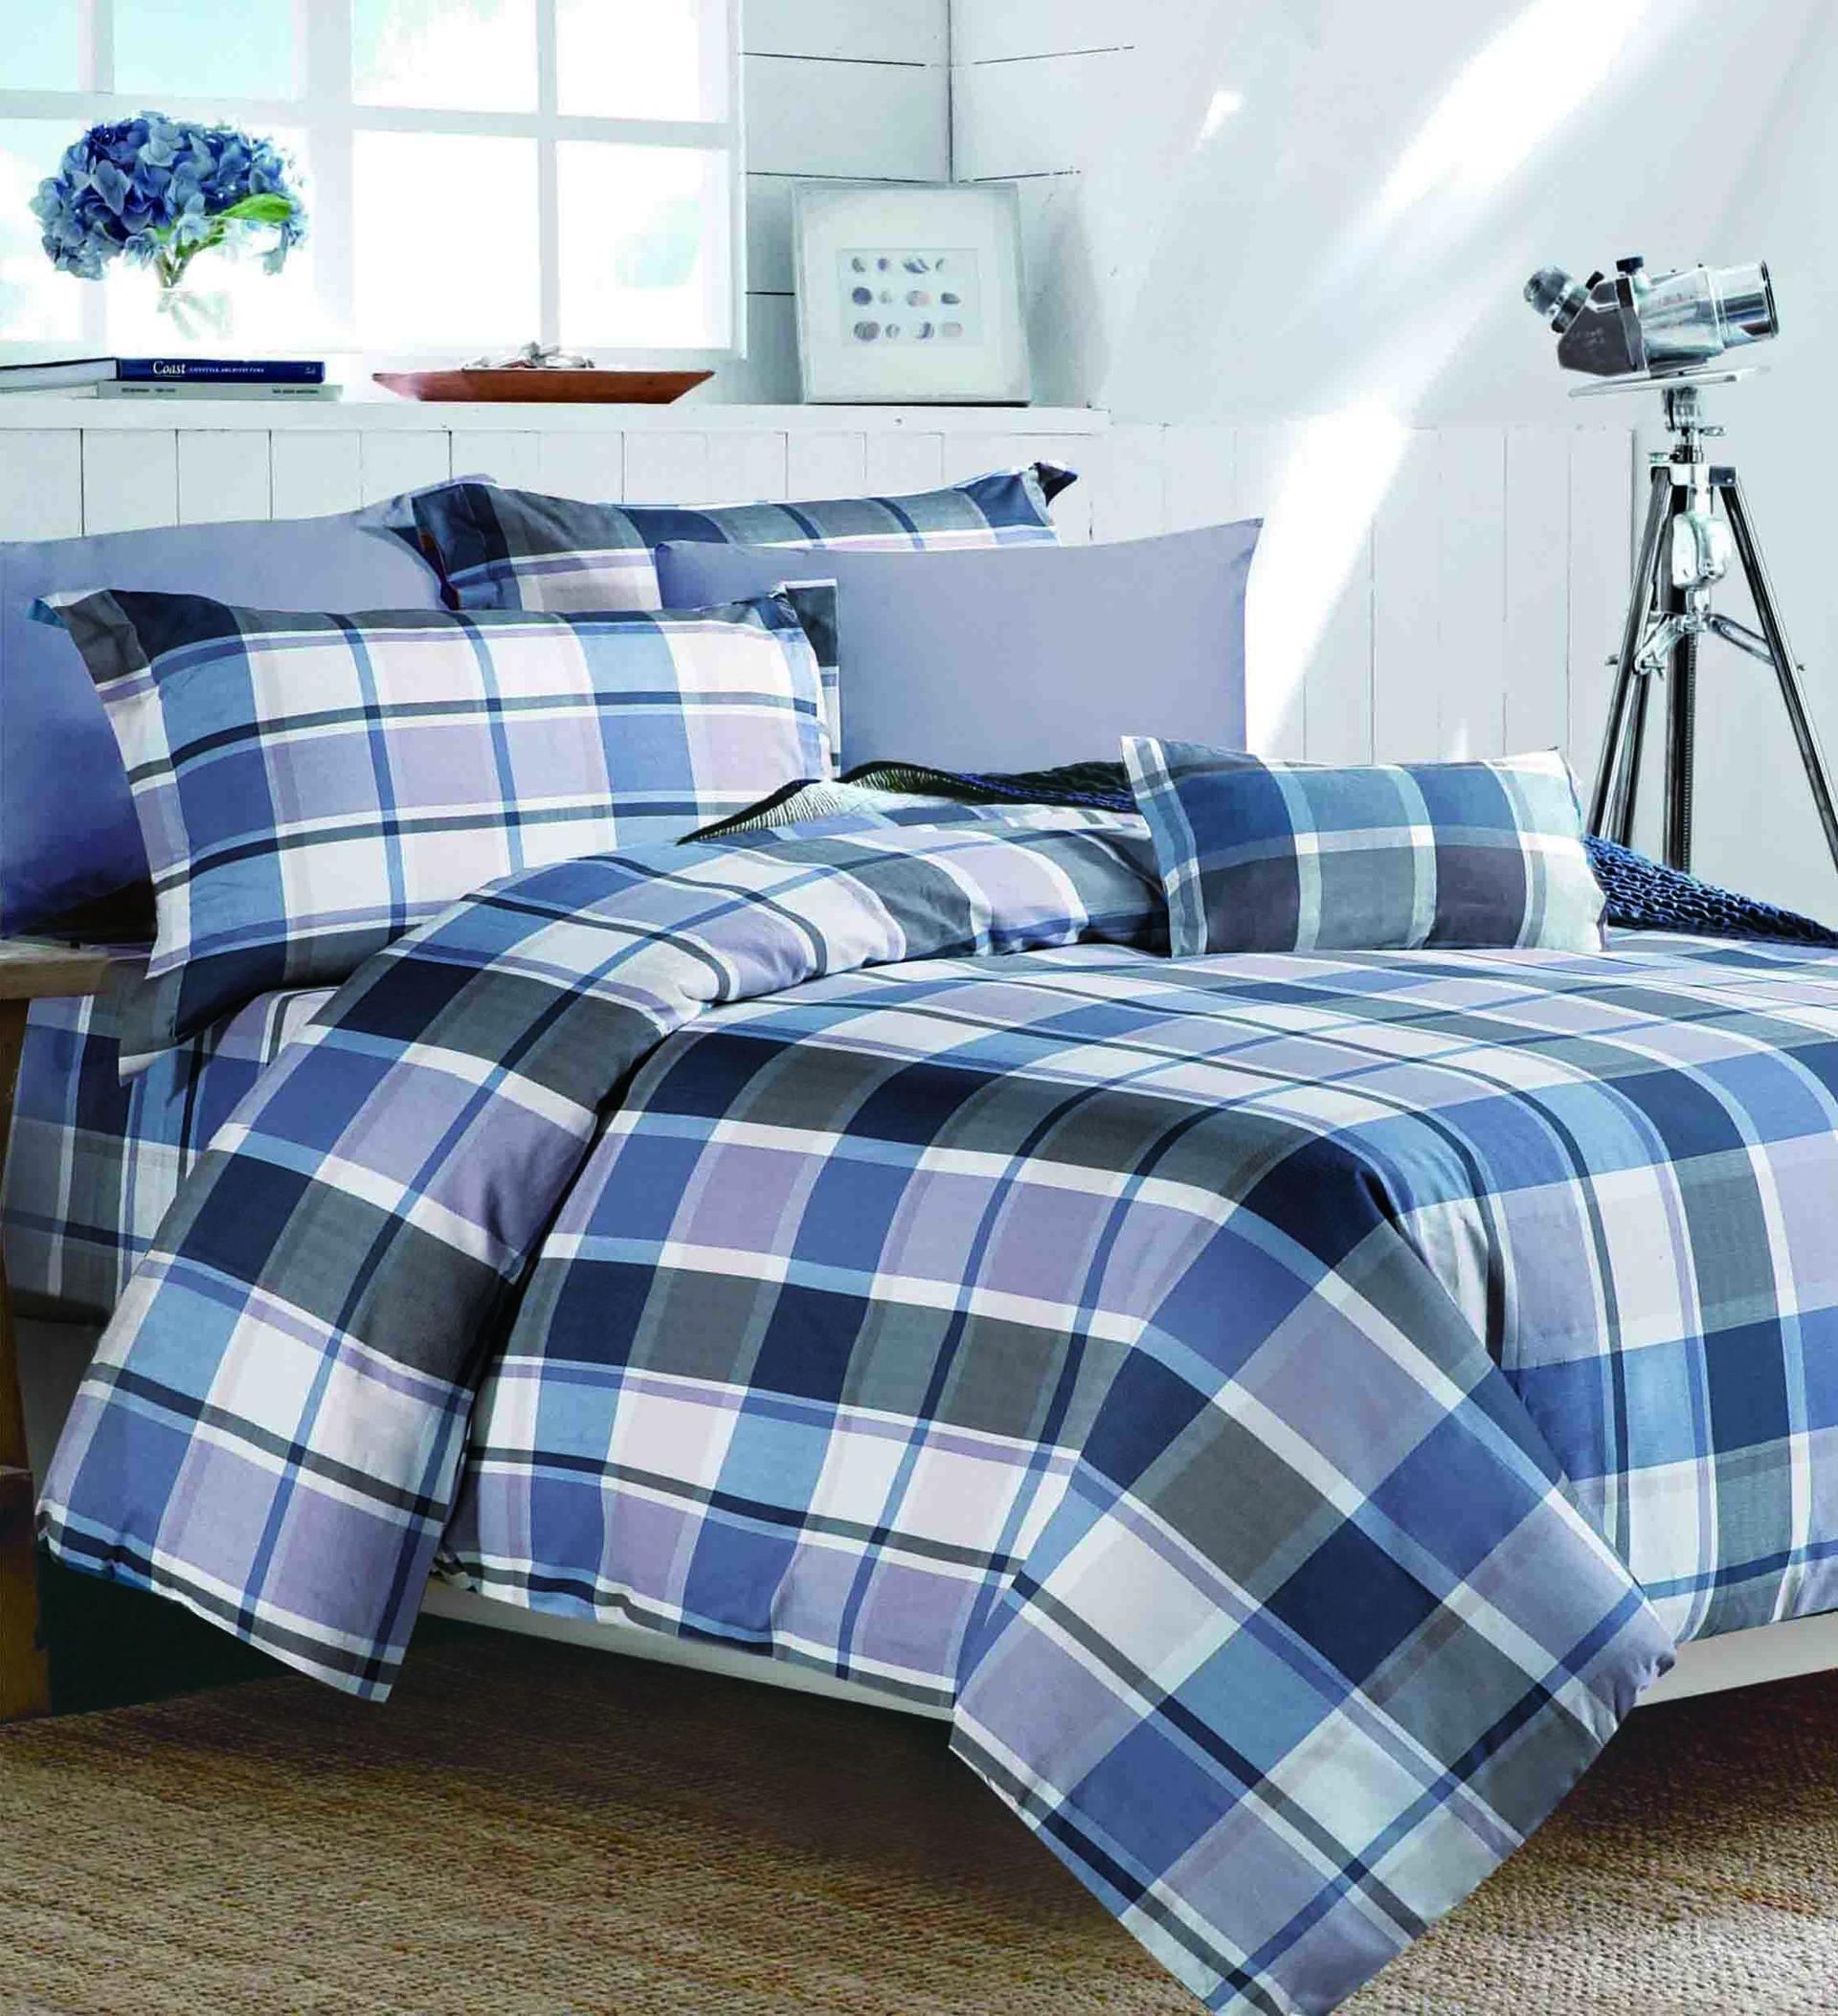 100% Cotton Plaid Pattern Bed linen   #161144